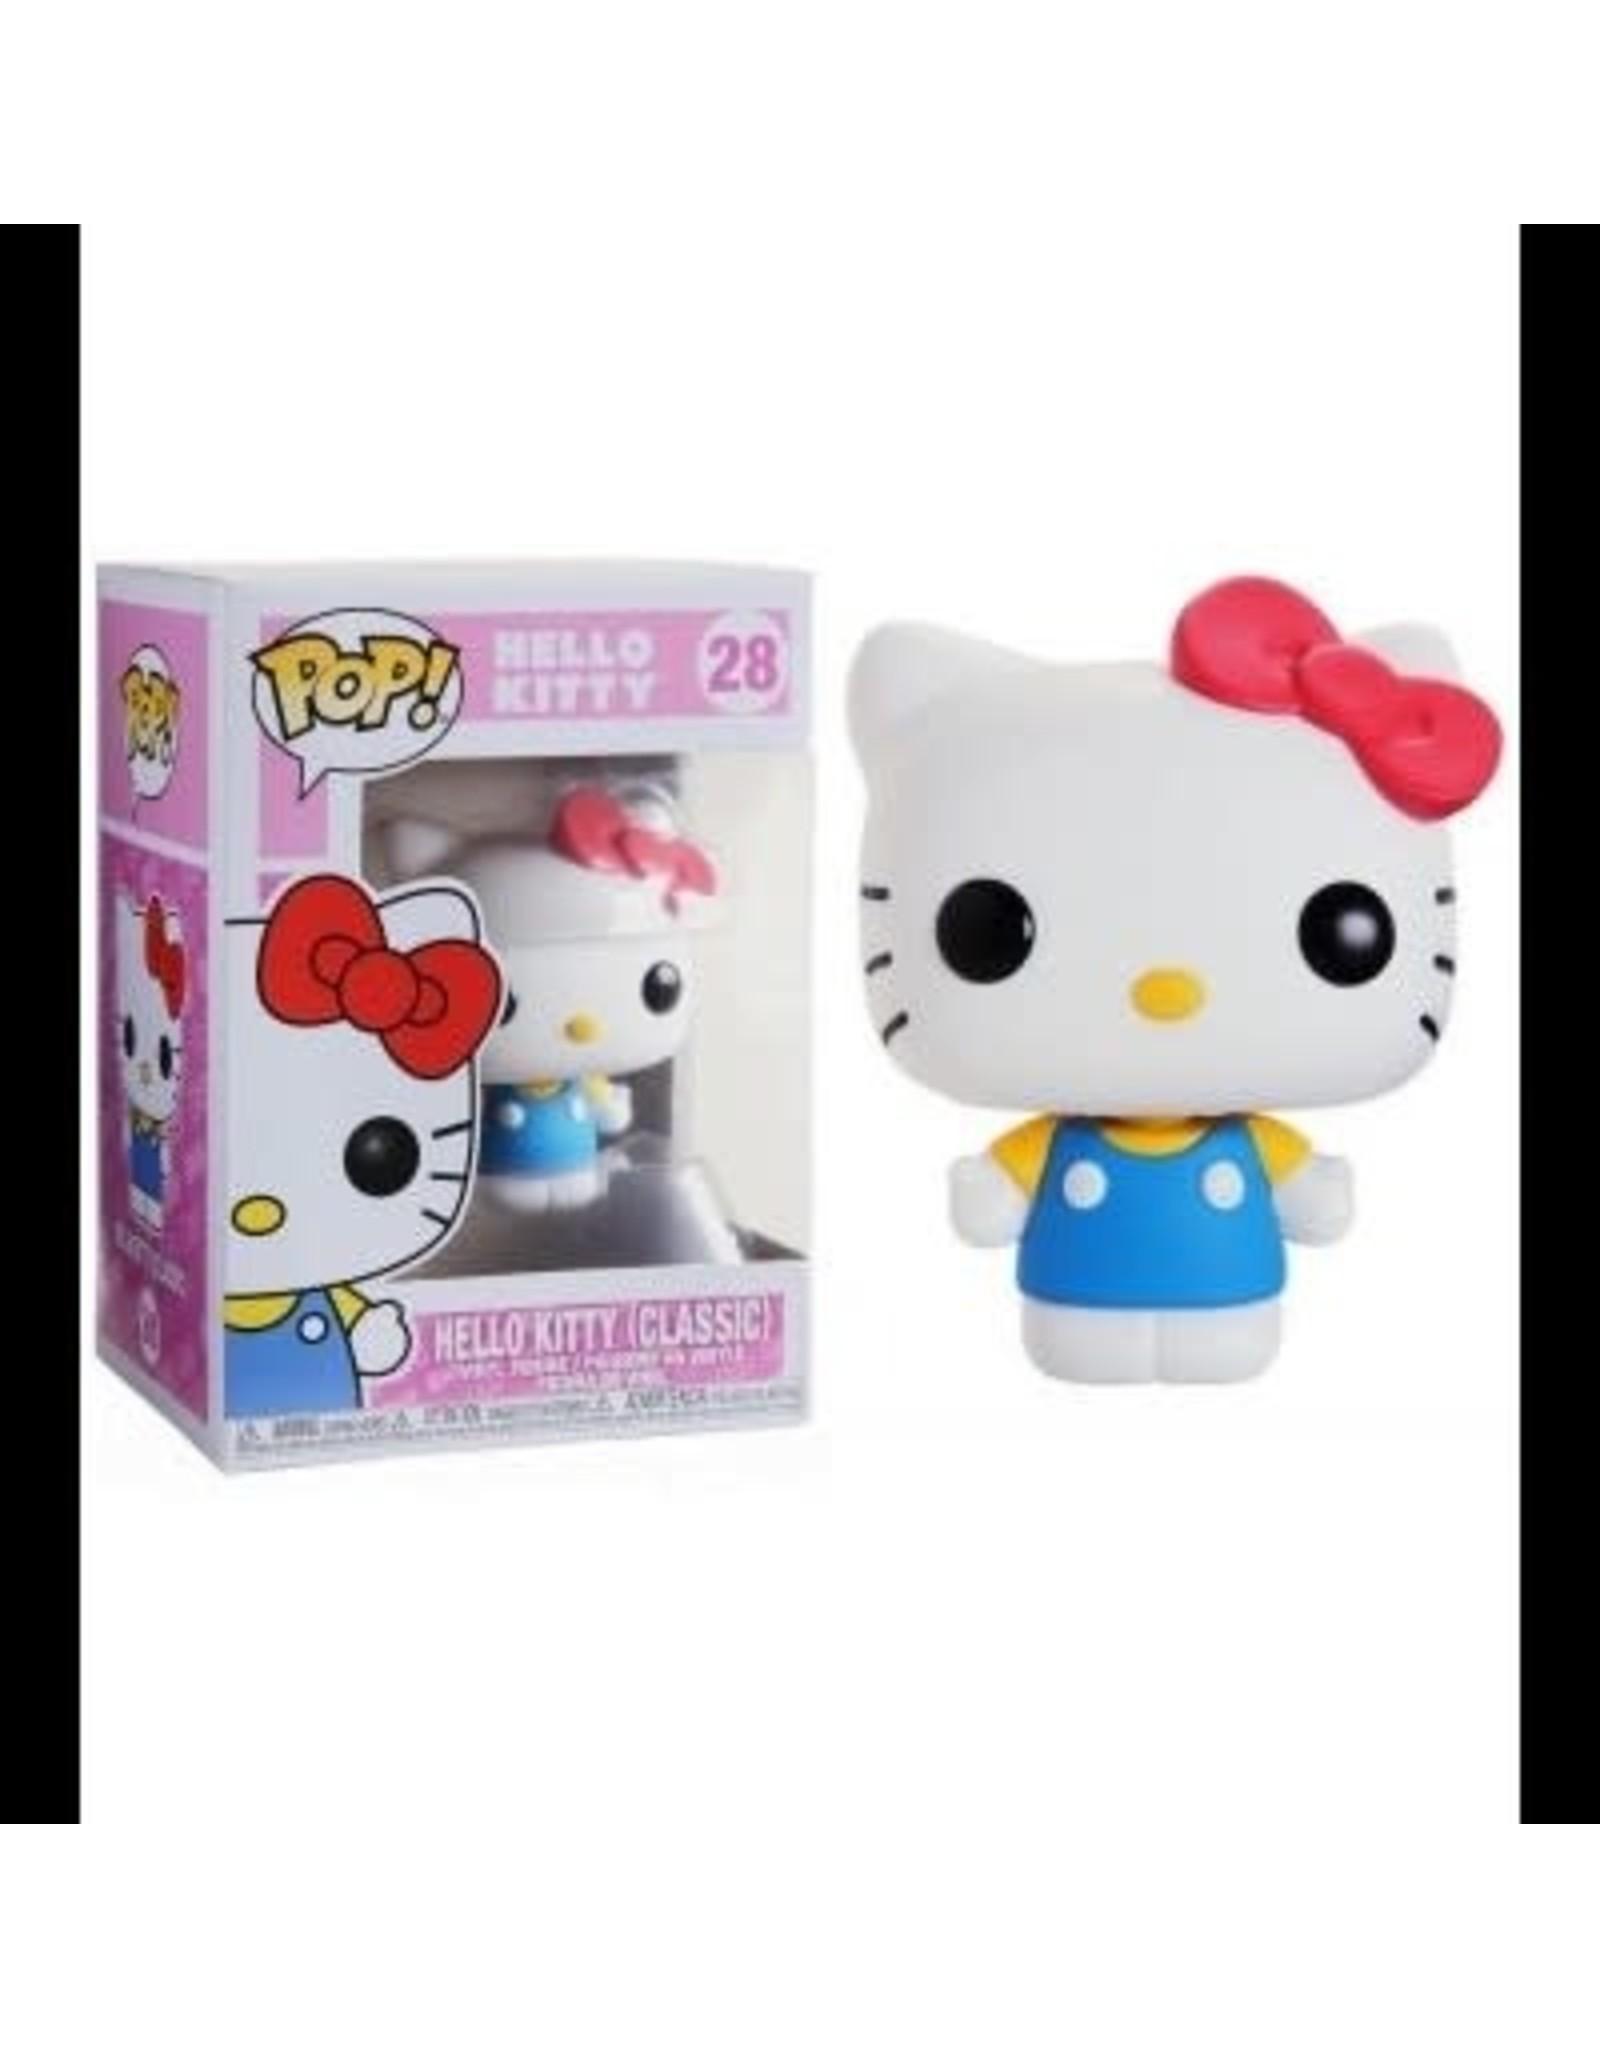 Hello Kitty - Hello Kitty (Classic) - FLOCKED - Funko Pop! Hello Kitty 28